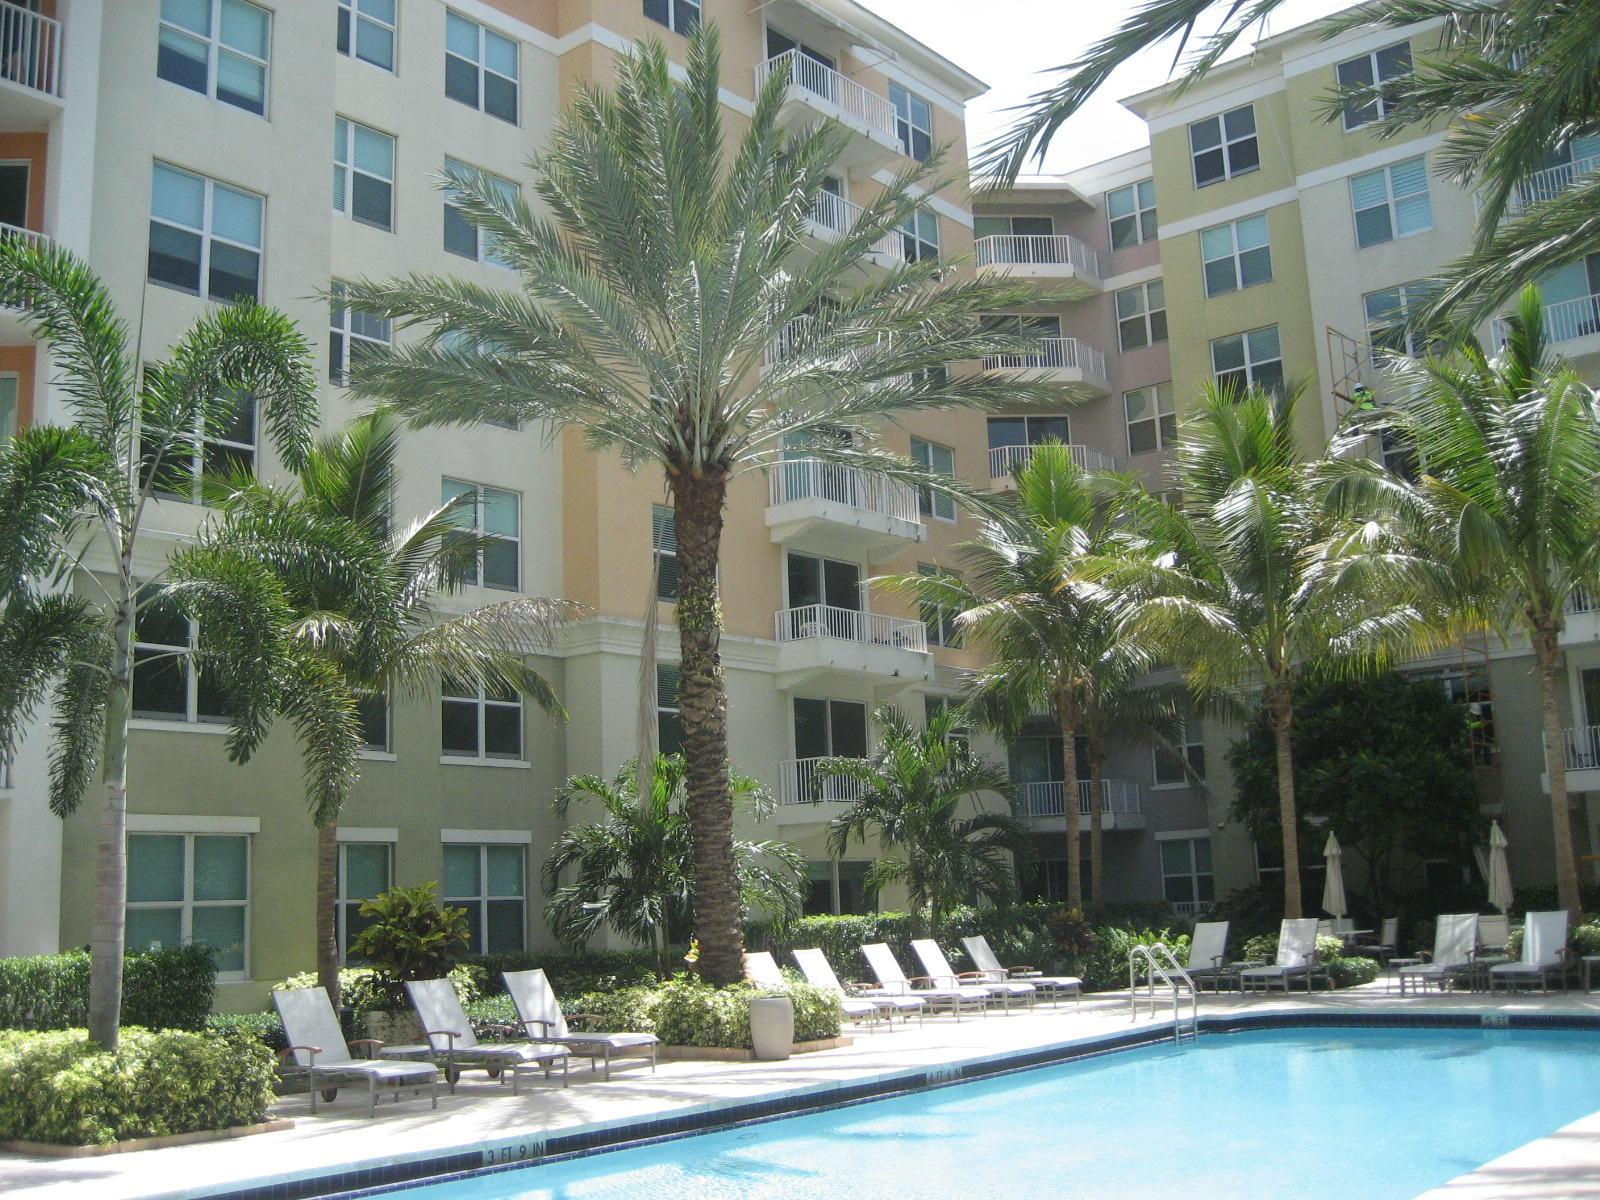 804 Windward Way, Lantana, Florida 33462, 2 Bedrooms Bedrooms, ,2 BathroomsBathrooms,Condo/Coop,For Sale,Windward,1,RX-10495392